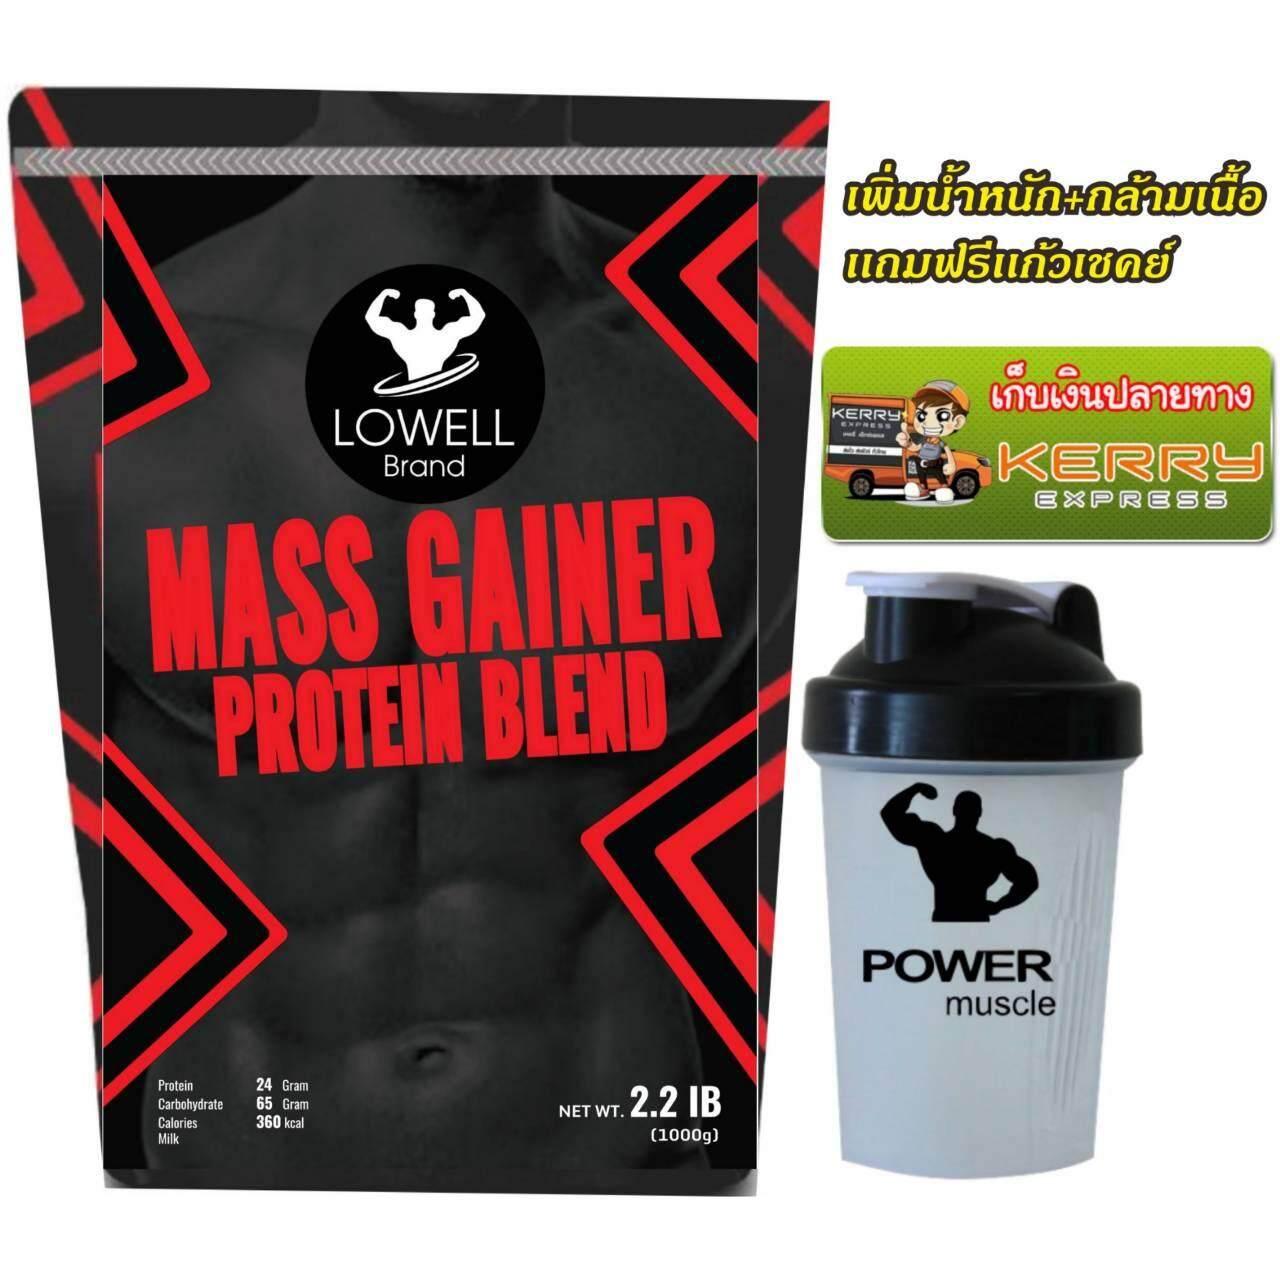 เวย์โปรตีน เพิ่มน้ำหนัก กล้ามเนื้อ เเถมเเก้วเชคย์ เก็บเงินปลายทาง รสช็อคโกเเลต By Lowell.